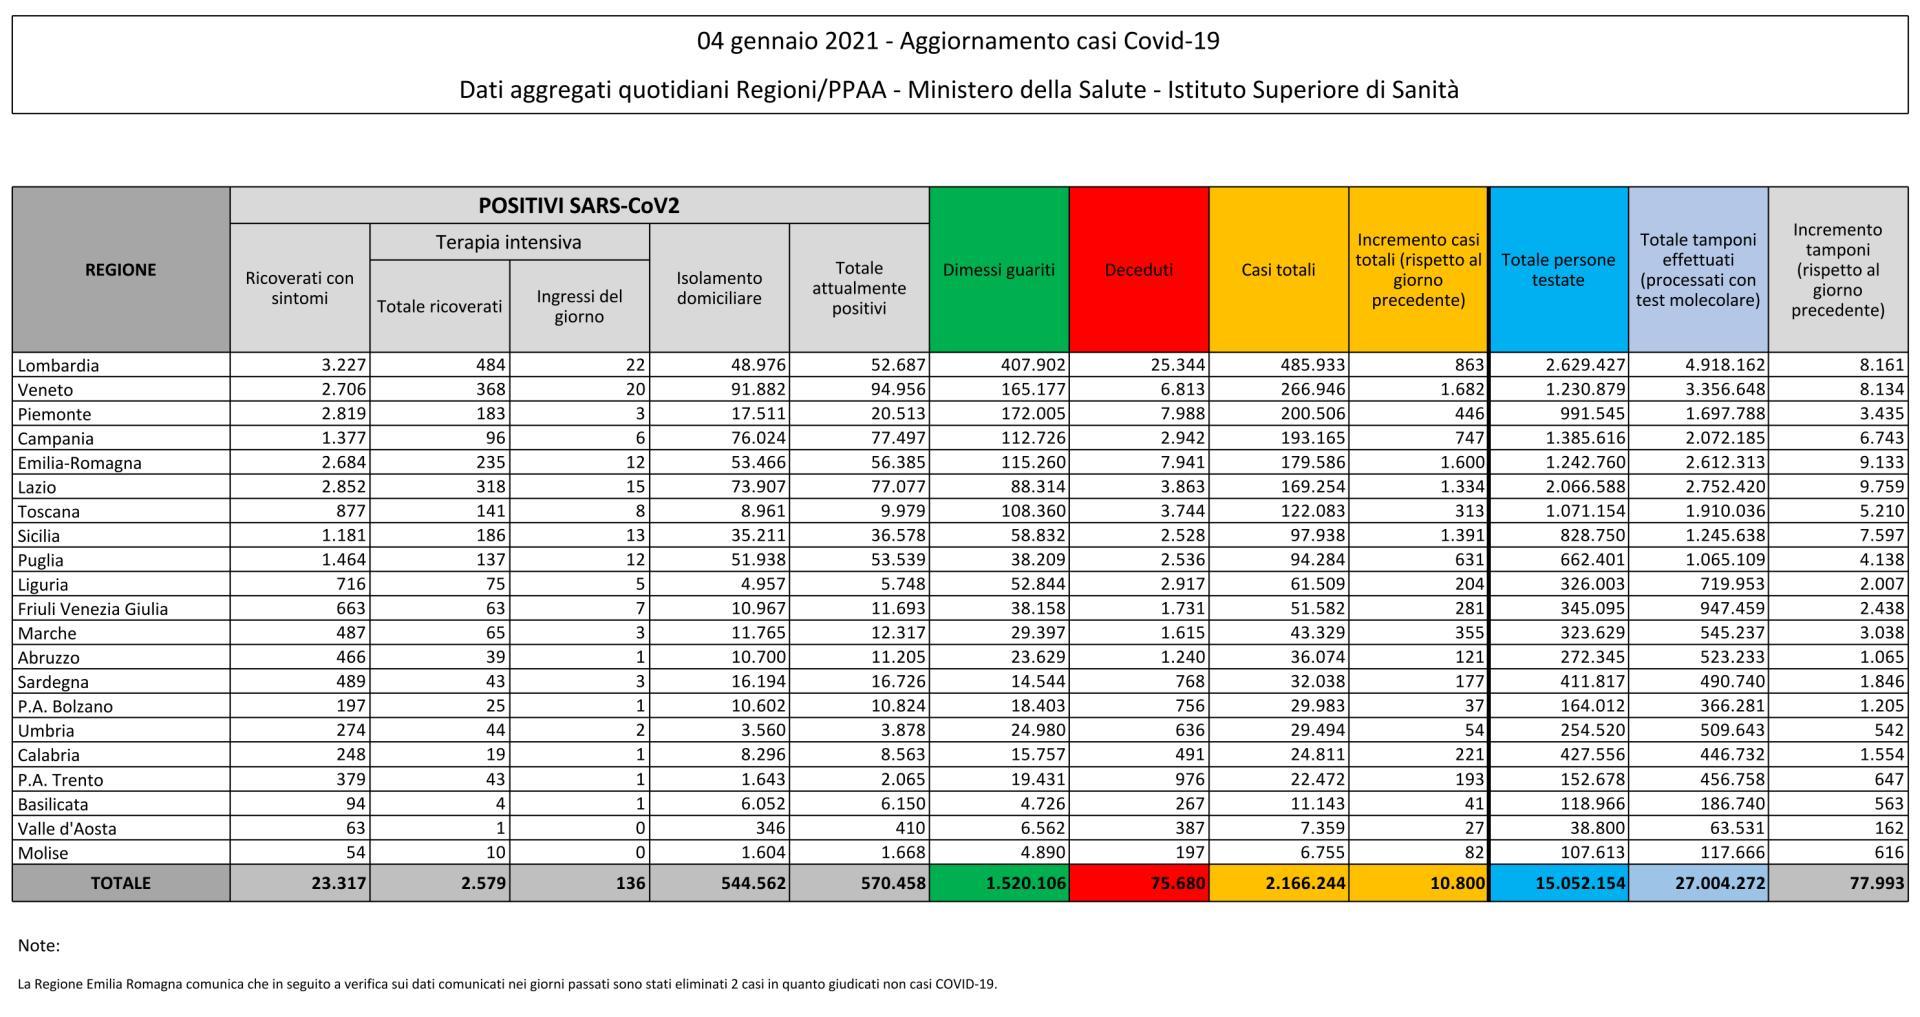 4 gennaio 2021 - Aggiornamento casi Covid-19 Dati aggregati quotidiani Regioni/PPAA - Ministero della Salute - Istituto Superiore di Sanità